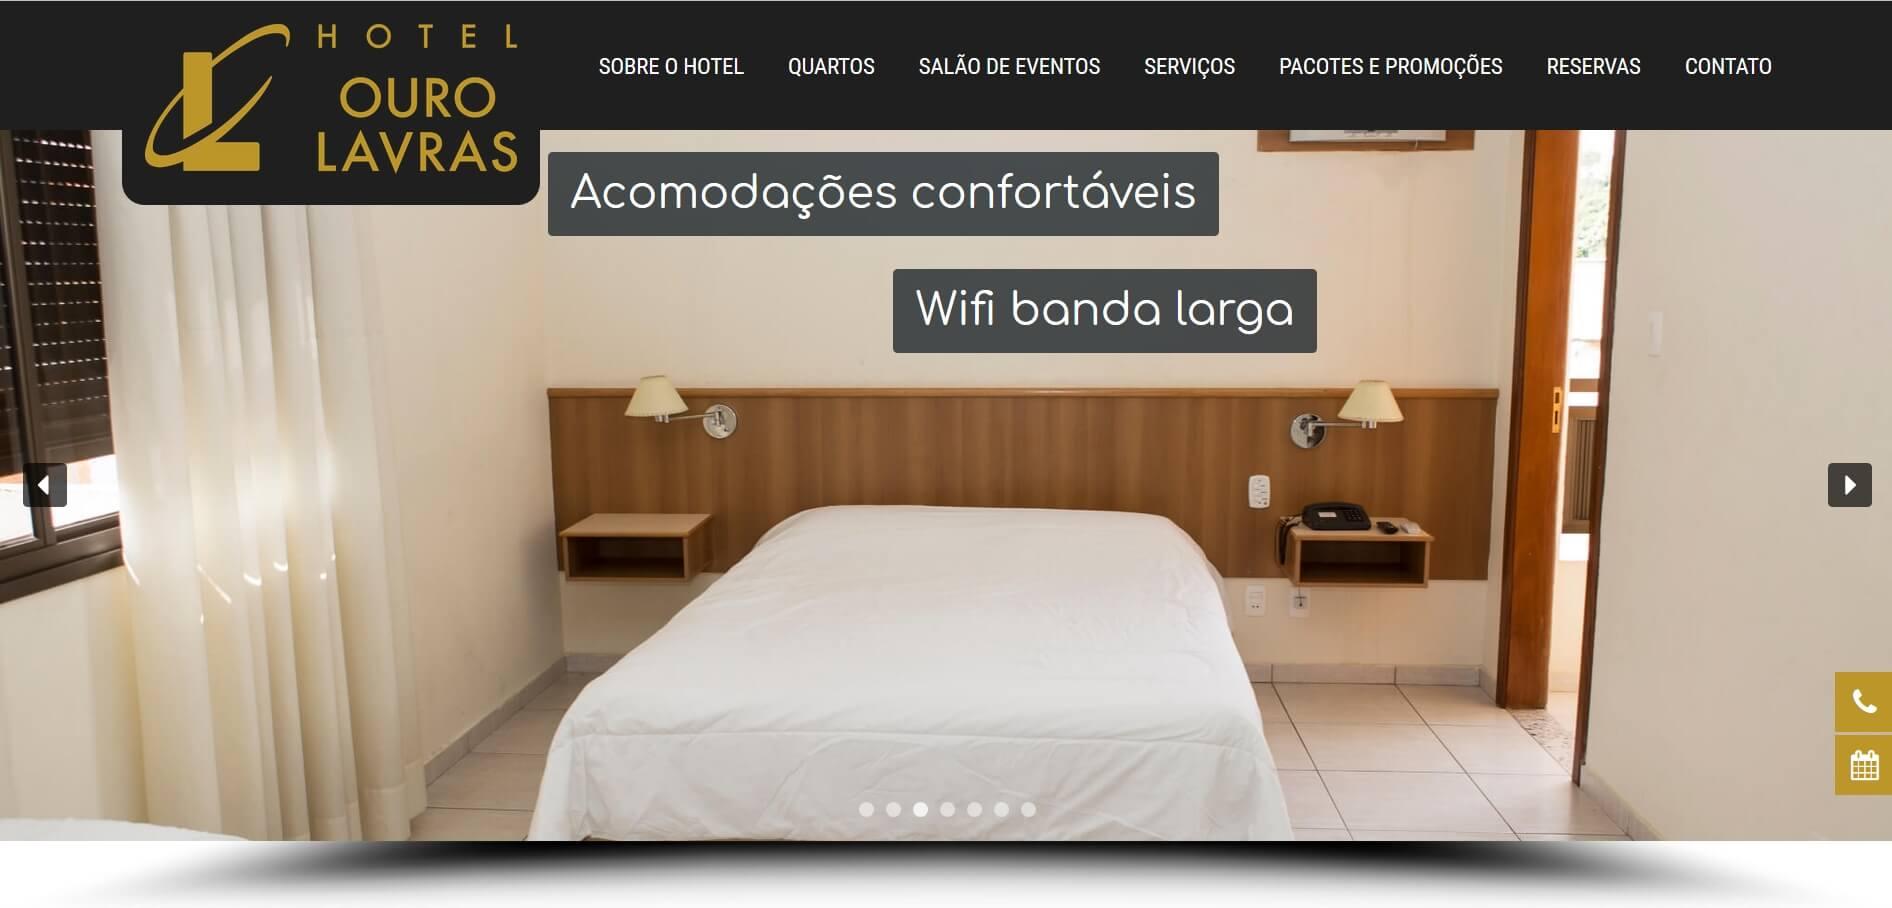 Criação website - Hotel Ouro Lavras MG